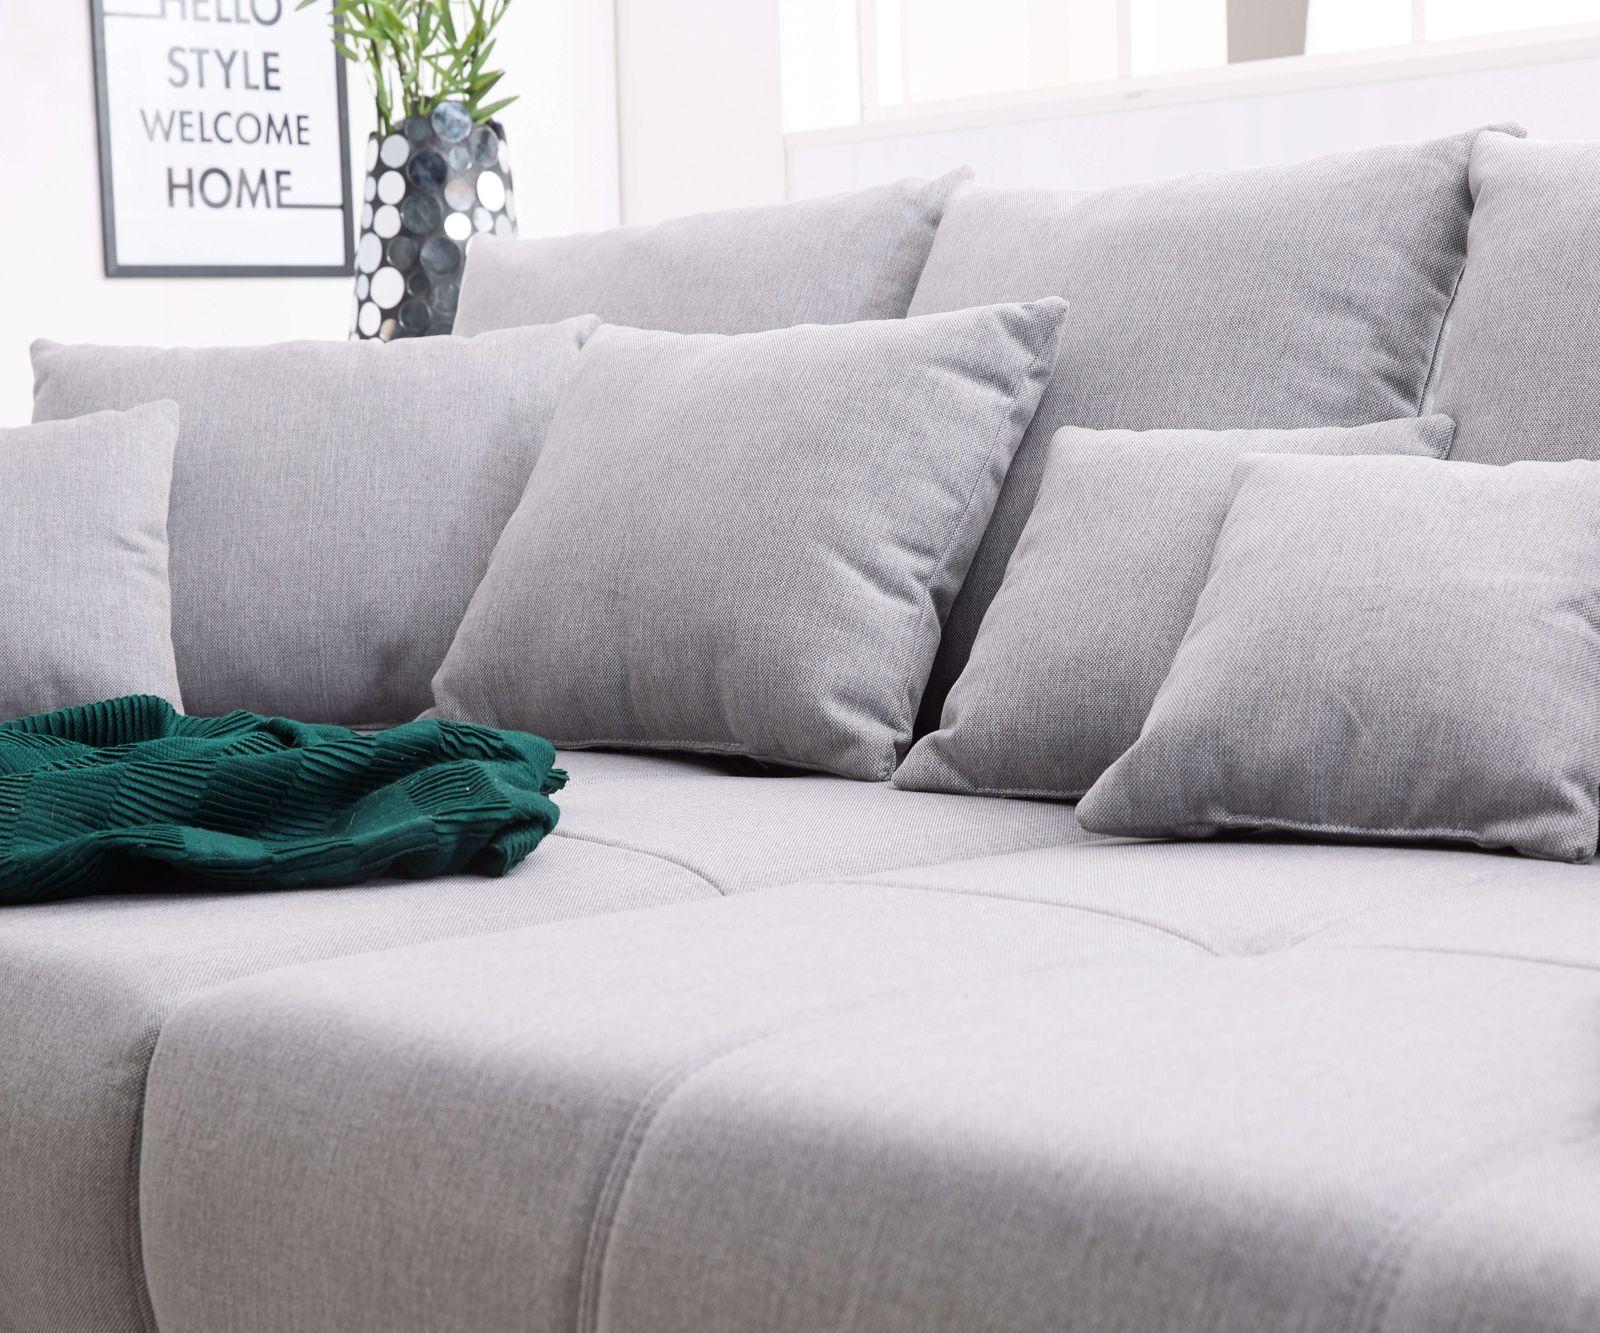 Bigsofa Violetta Grau 310x135 Cm Inklusive Hocker Und Kissen Big Sofa